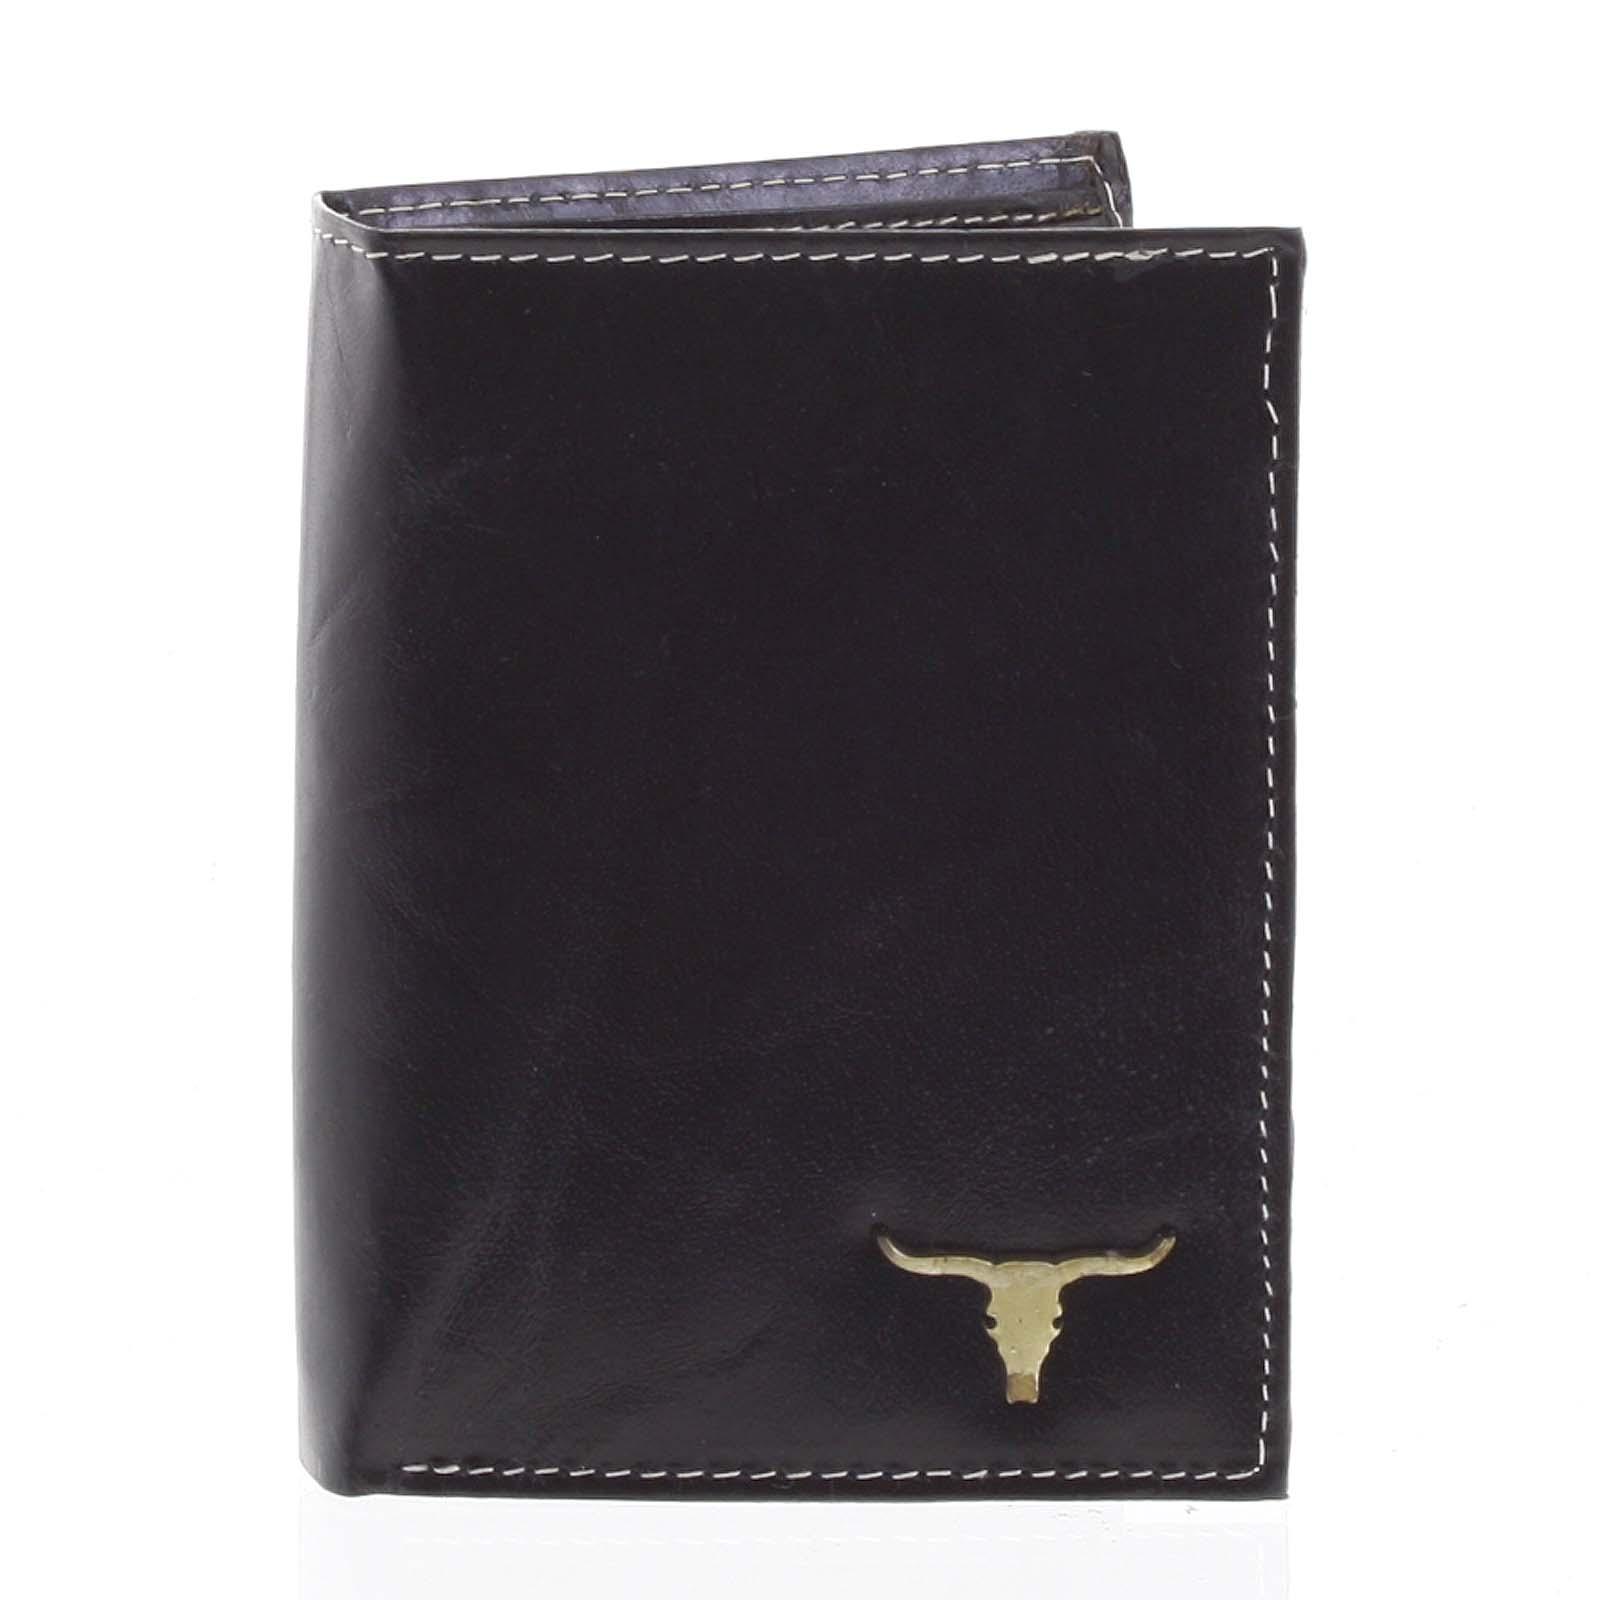 Pánská kožená peněženka černá - BUFFALO Dura